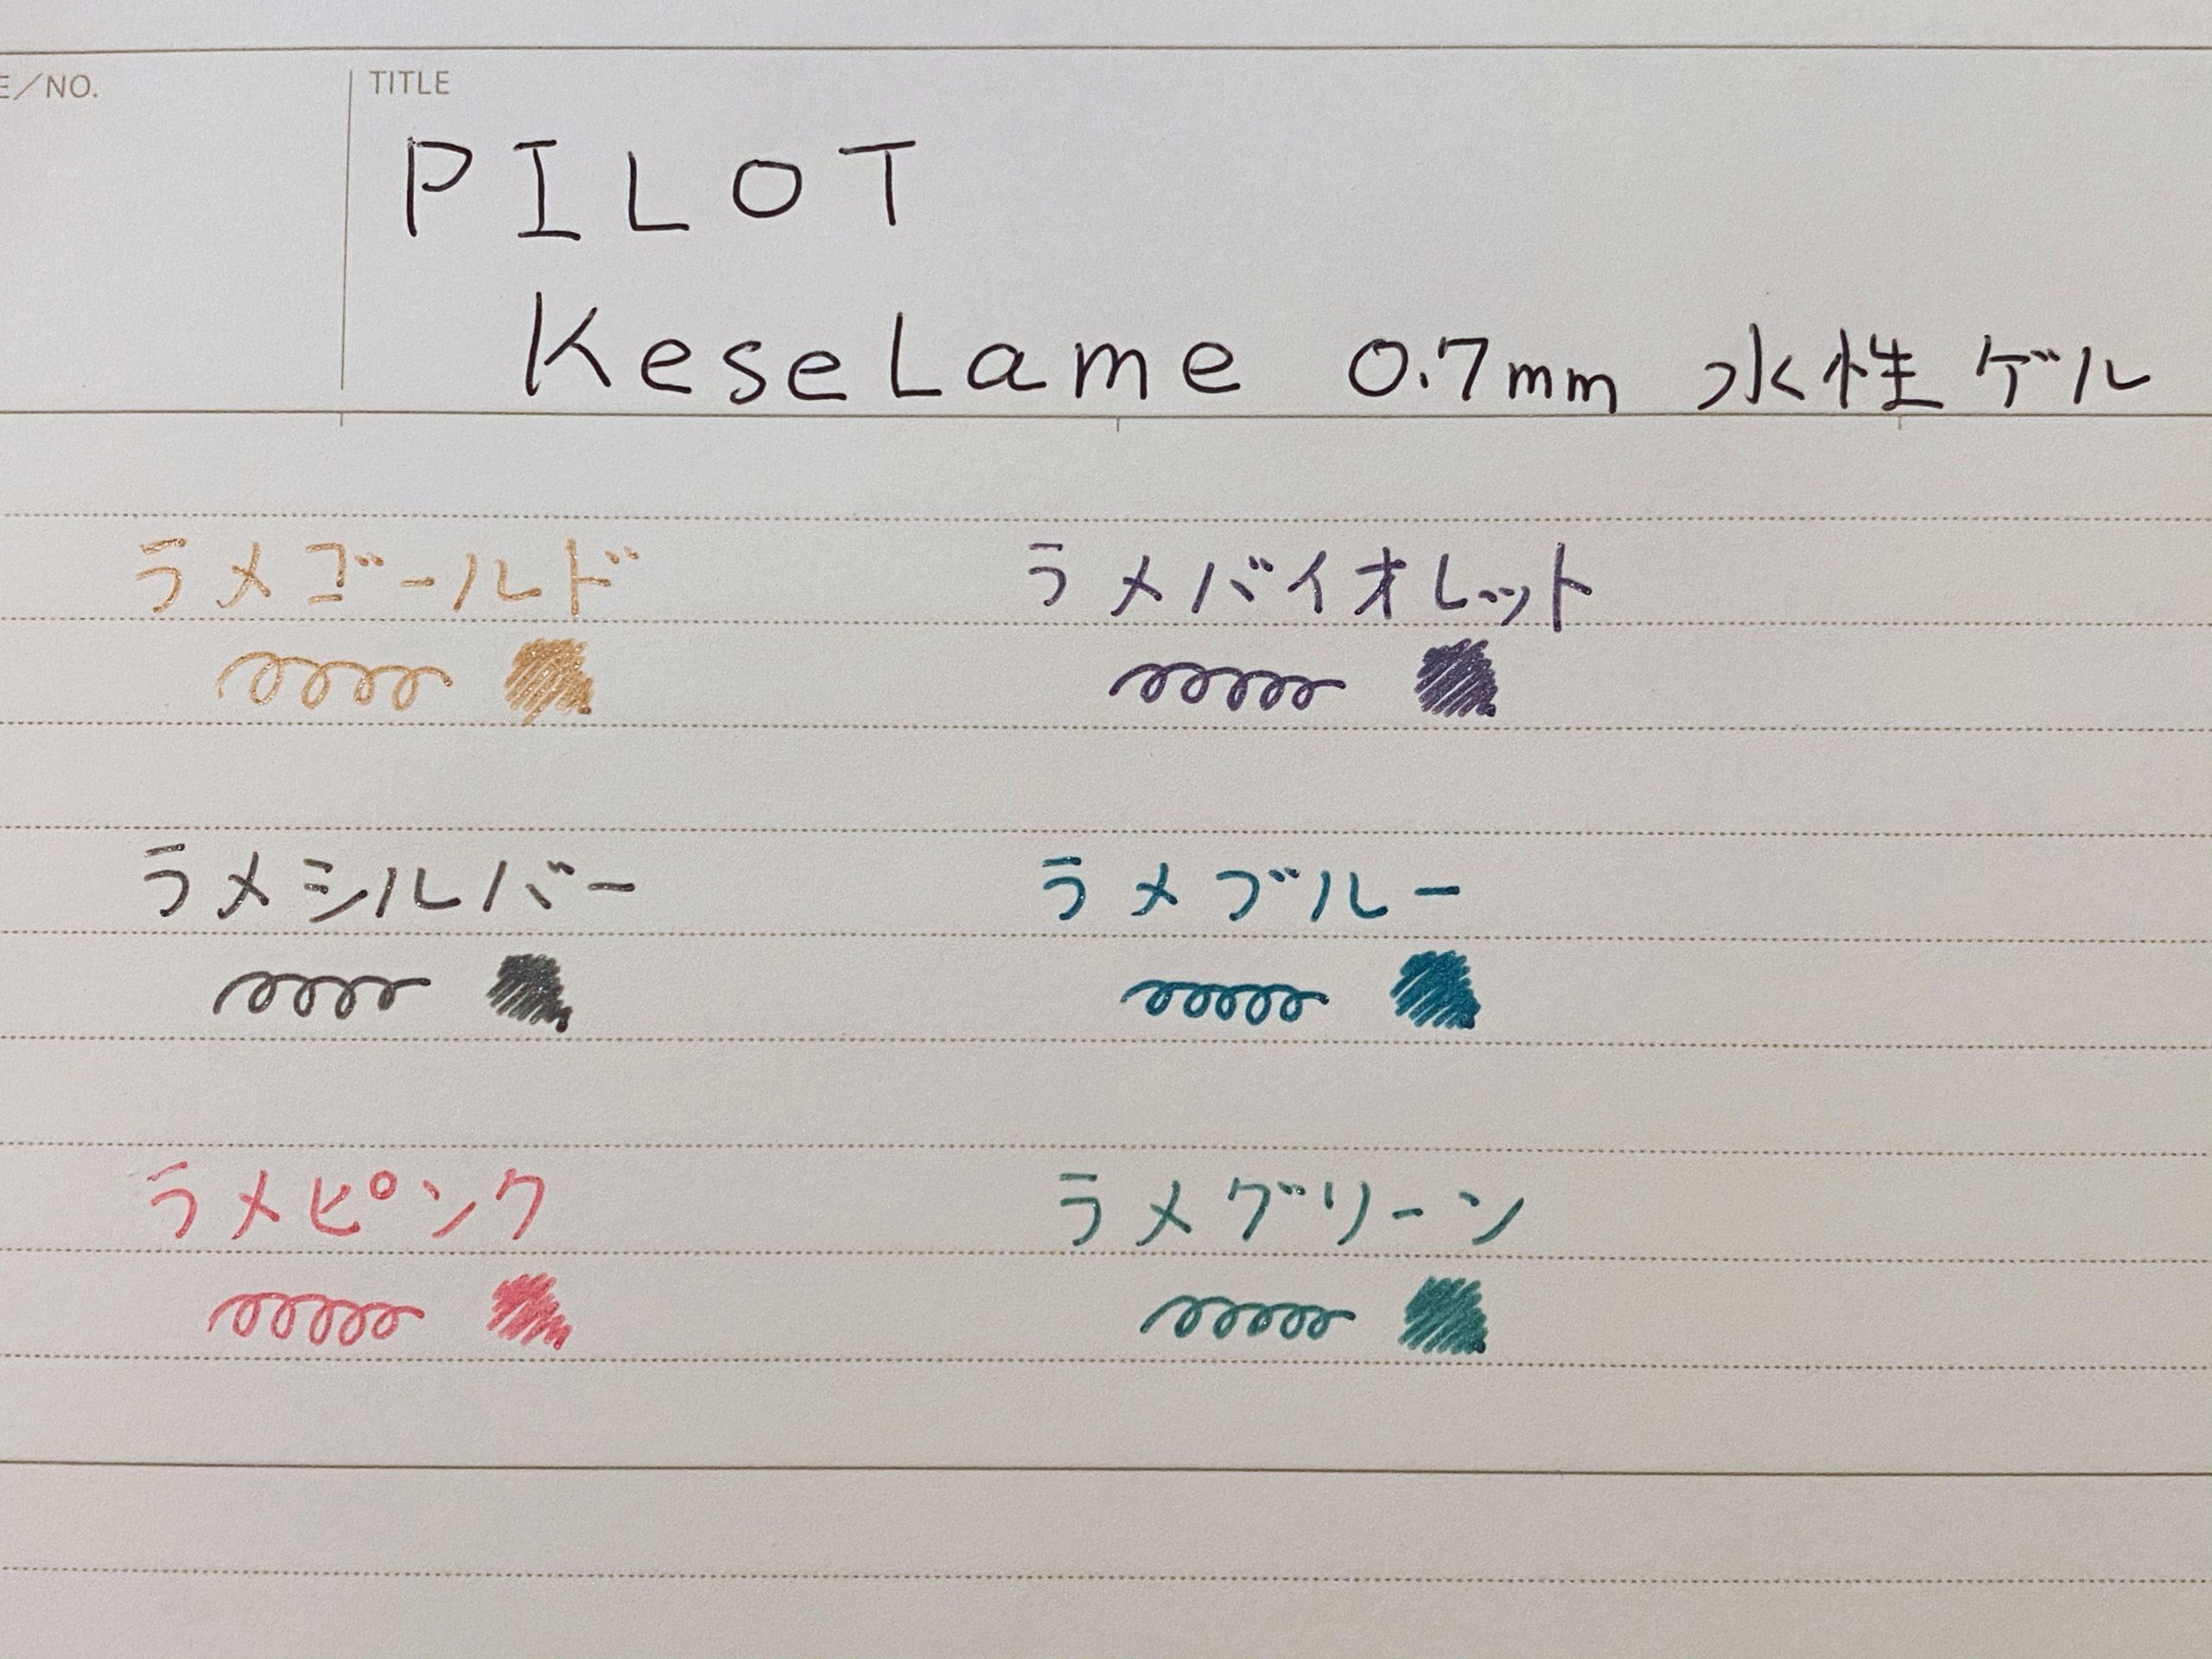 KeseLame のそれぞれの色見本